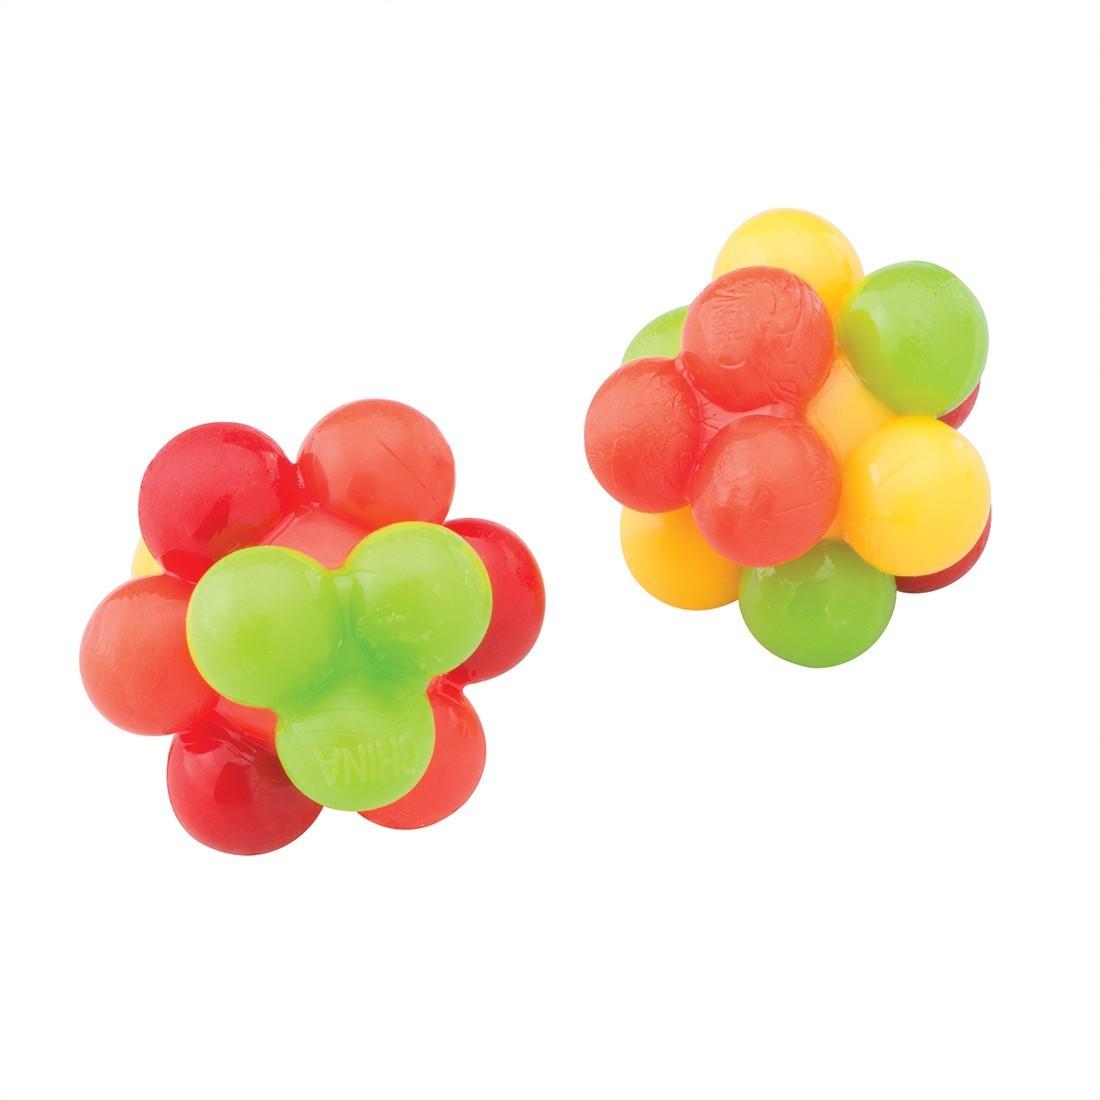 38mm Atomic Neon Bouncing Balls  [image]